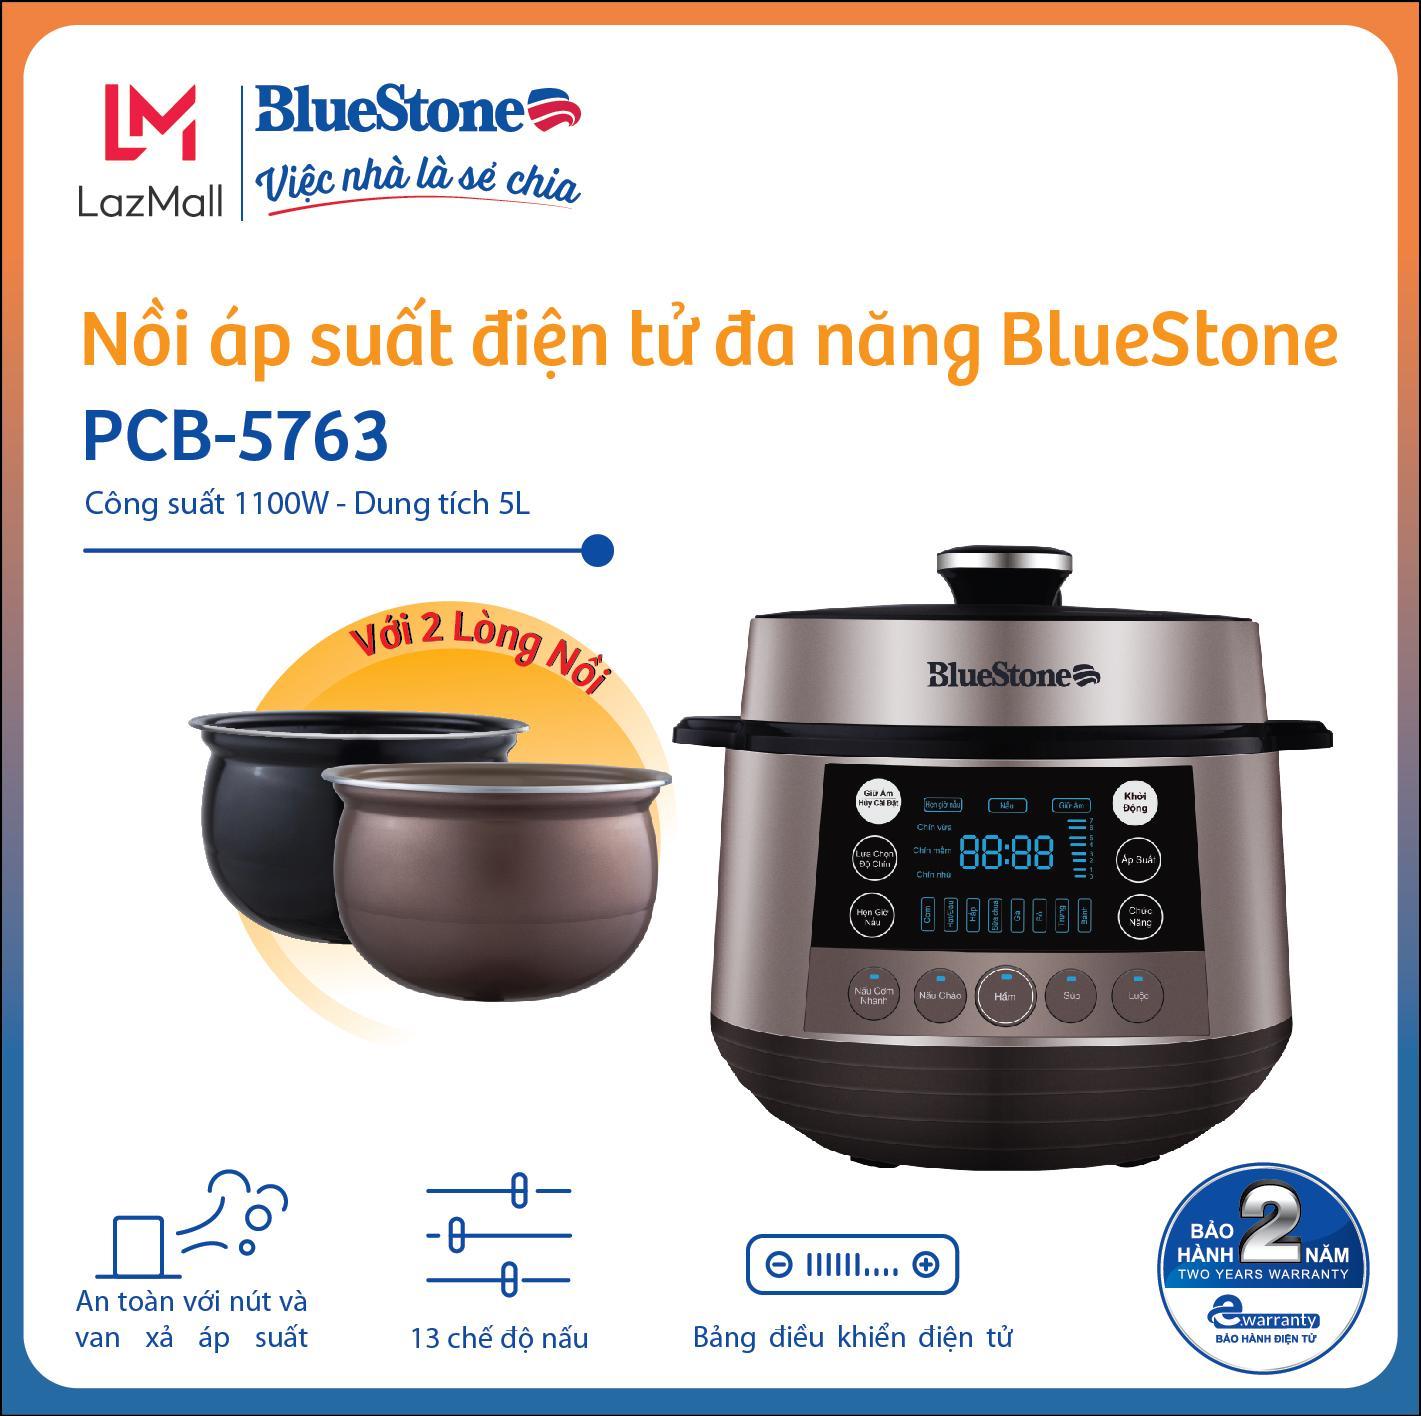 Nồi Áp Suất BlueStone PCB-5763 5L - 13 chế độ nấu bảo toàn dinh dưỡng - Công suất 1100W - Hàng Chính Hãng